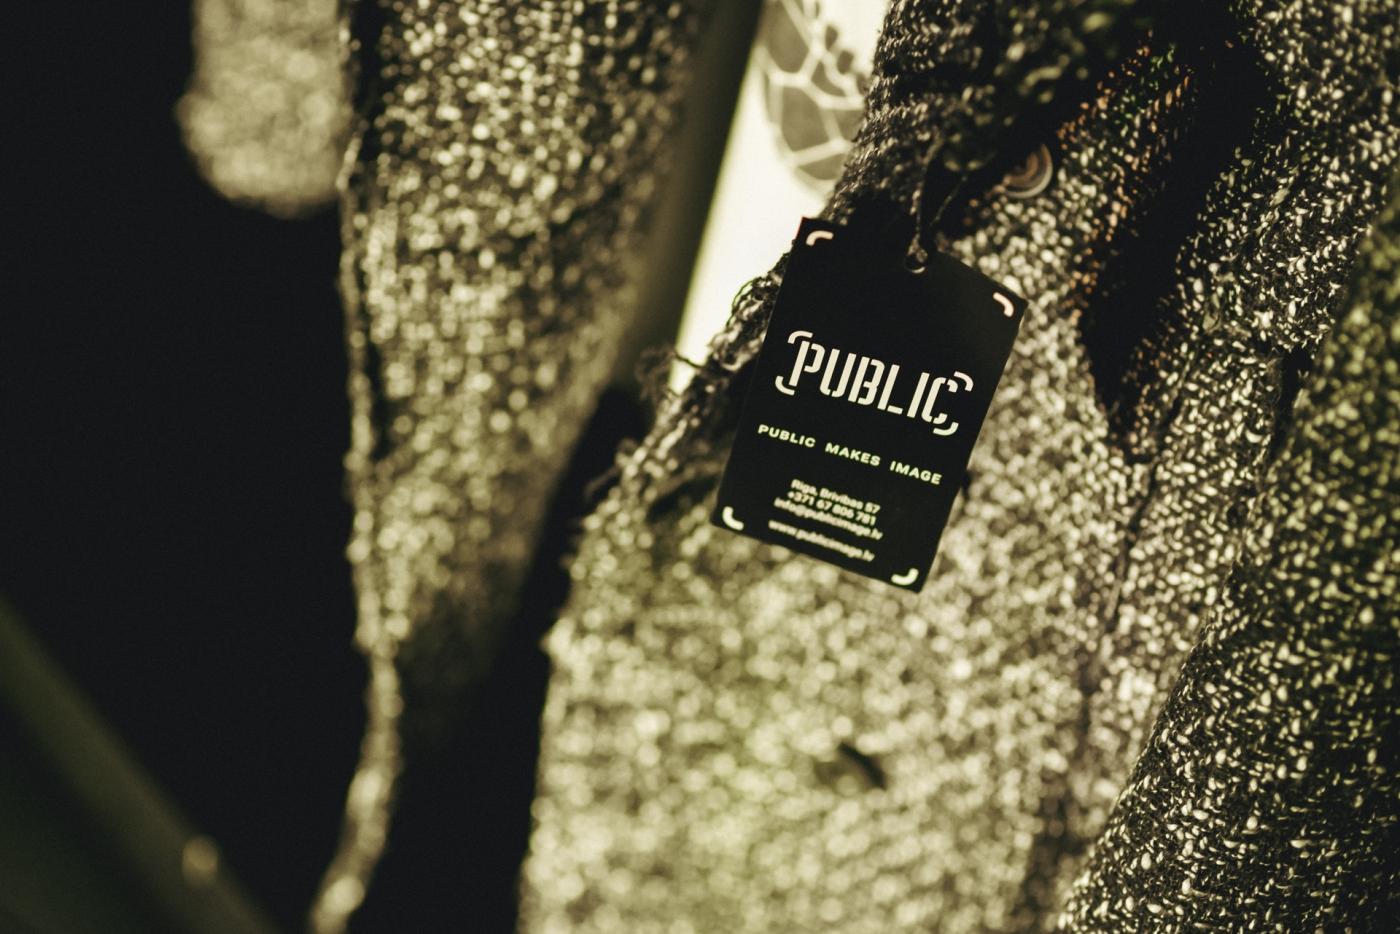 PUBLIC-1670